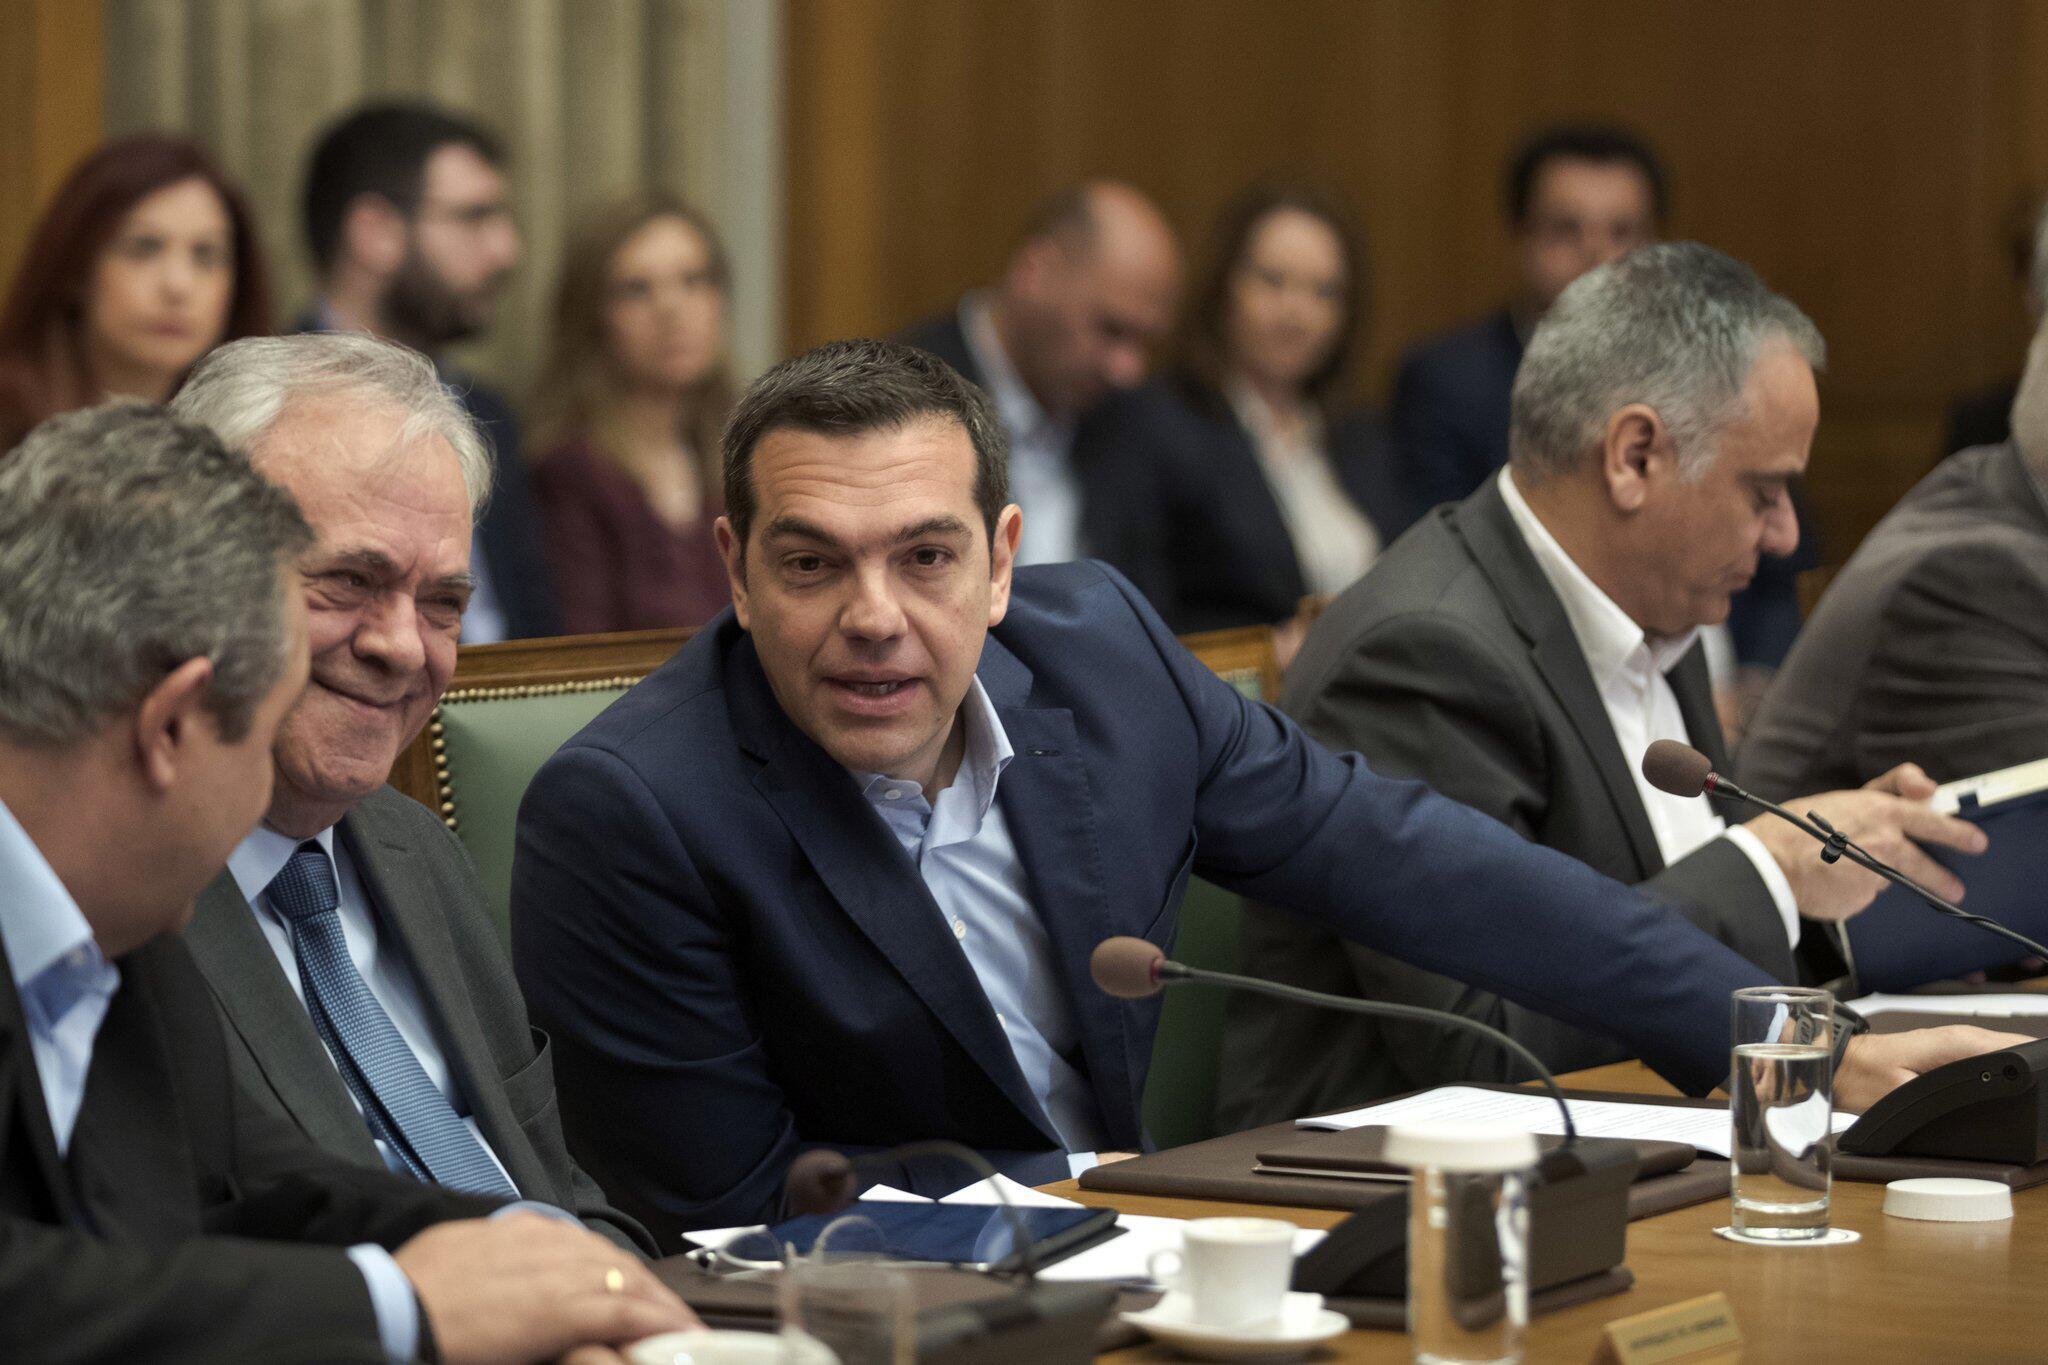 Bild zu Kabinettstreffen mit griechischem Ministerpräsident Tsipras